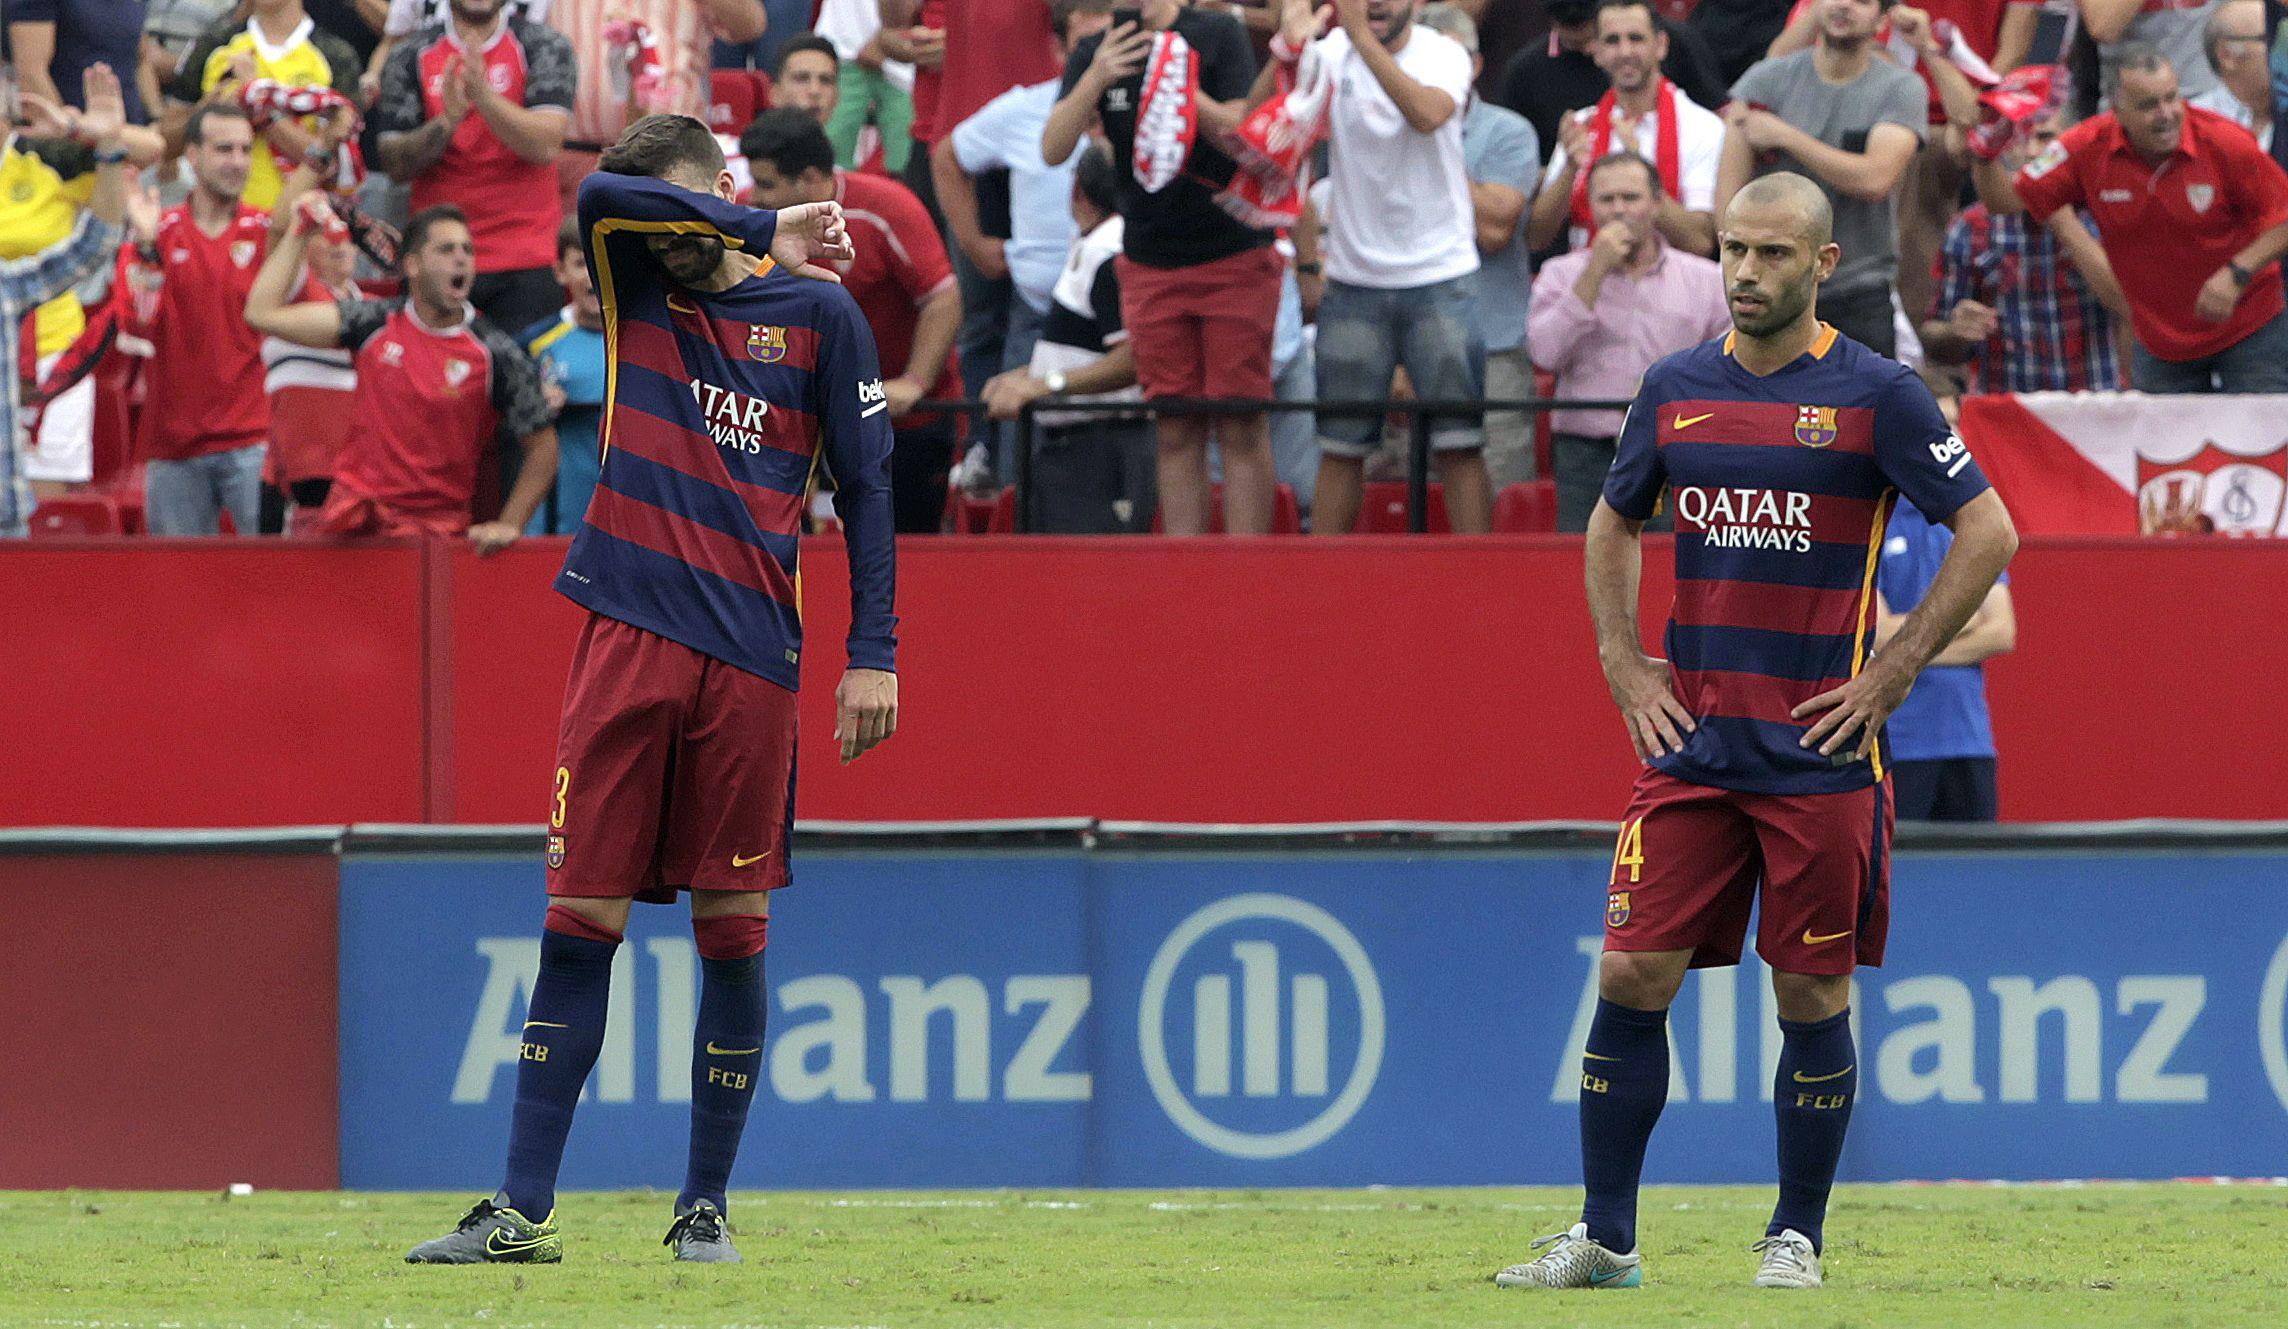 Piqué y Mascherano y la resignación al final del partido jugado hoy.